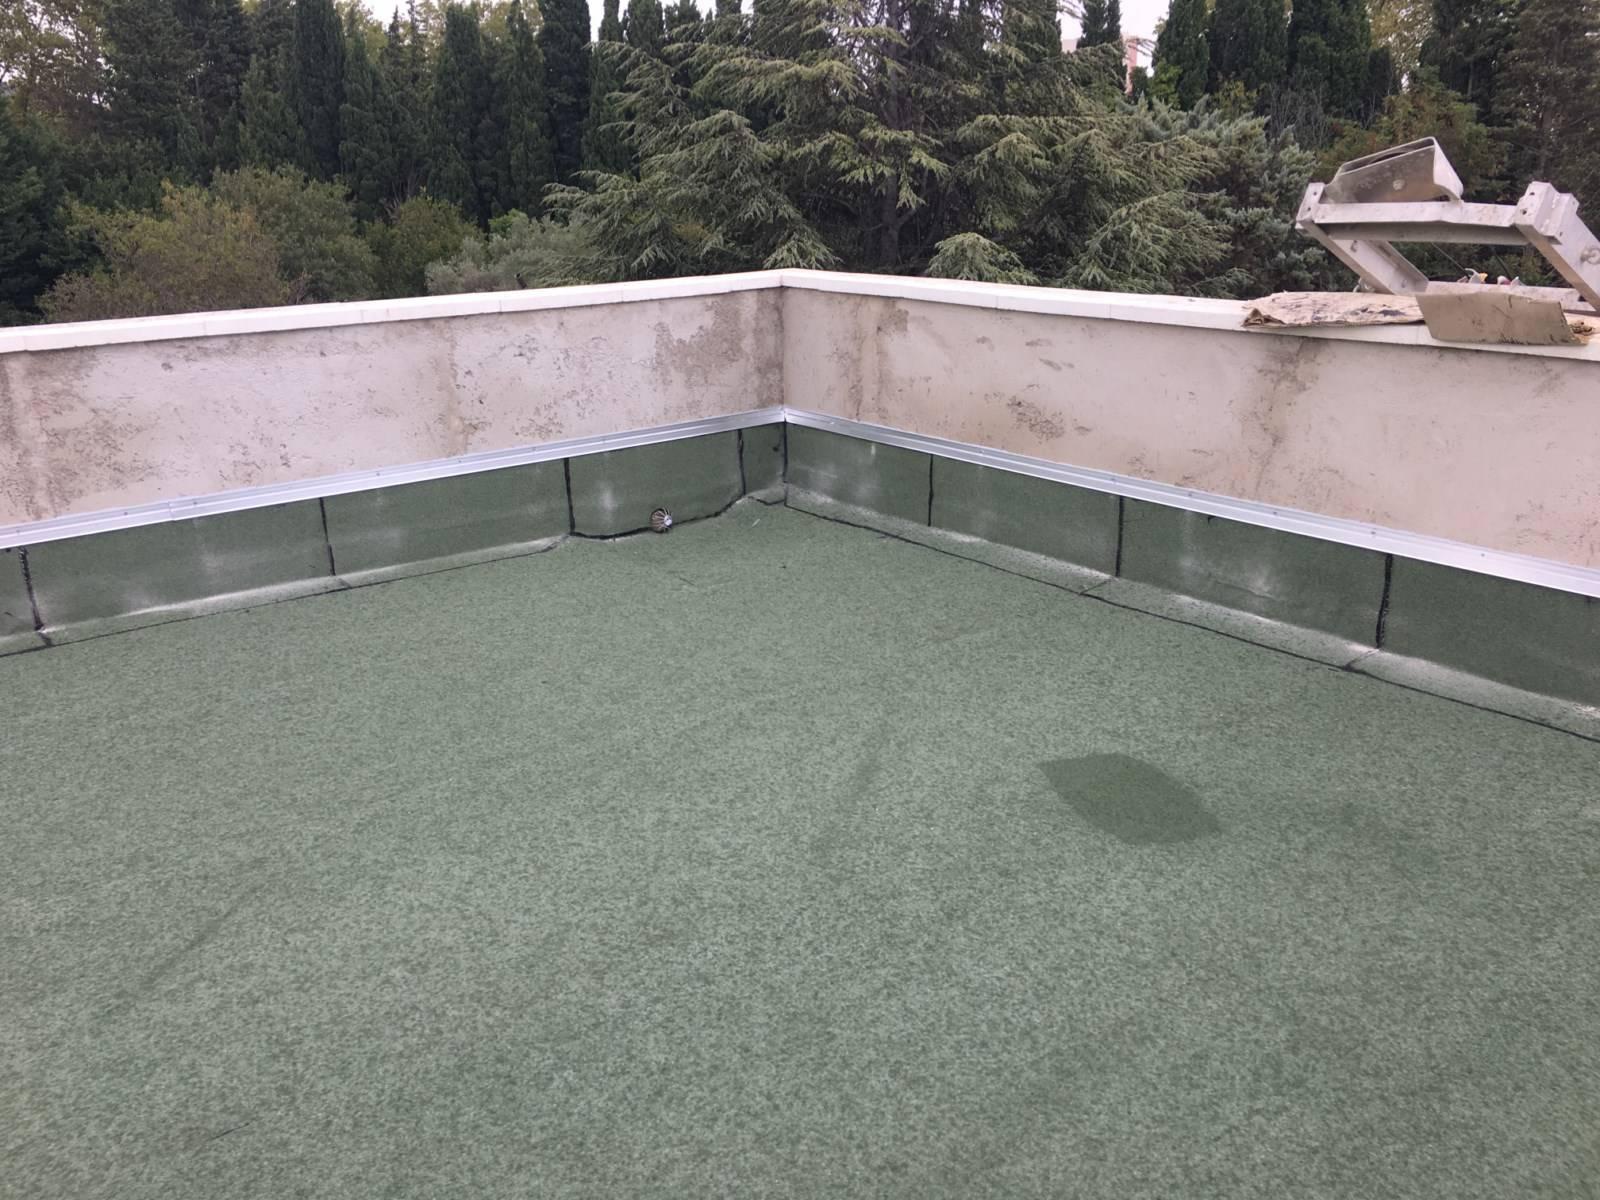 devis pour r novation isolation et r fection tanch it de toit terrasse ou toit plat suite. Black Bedroom Furniture Sets. Home Design Ideas